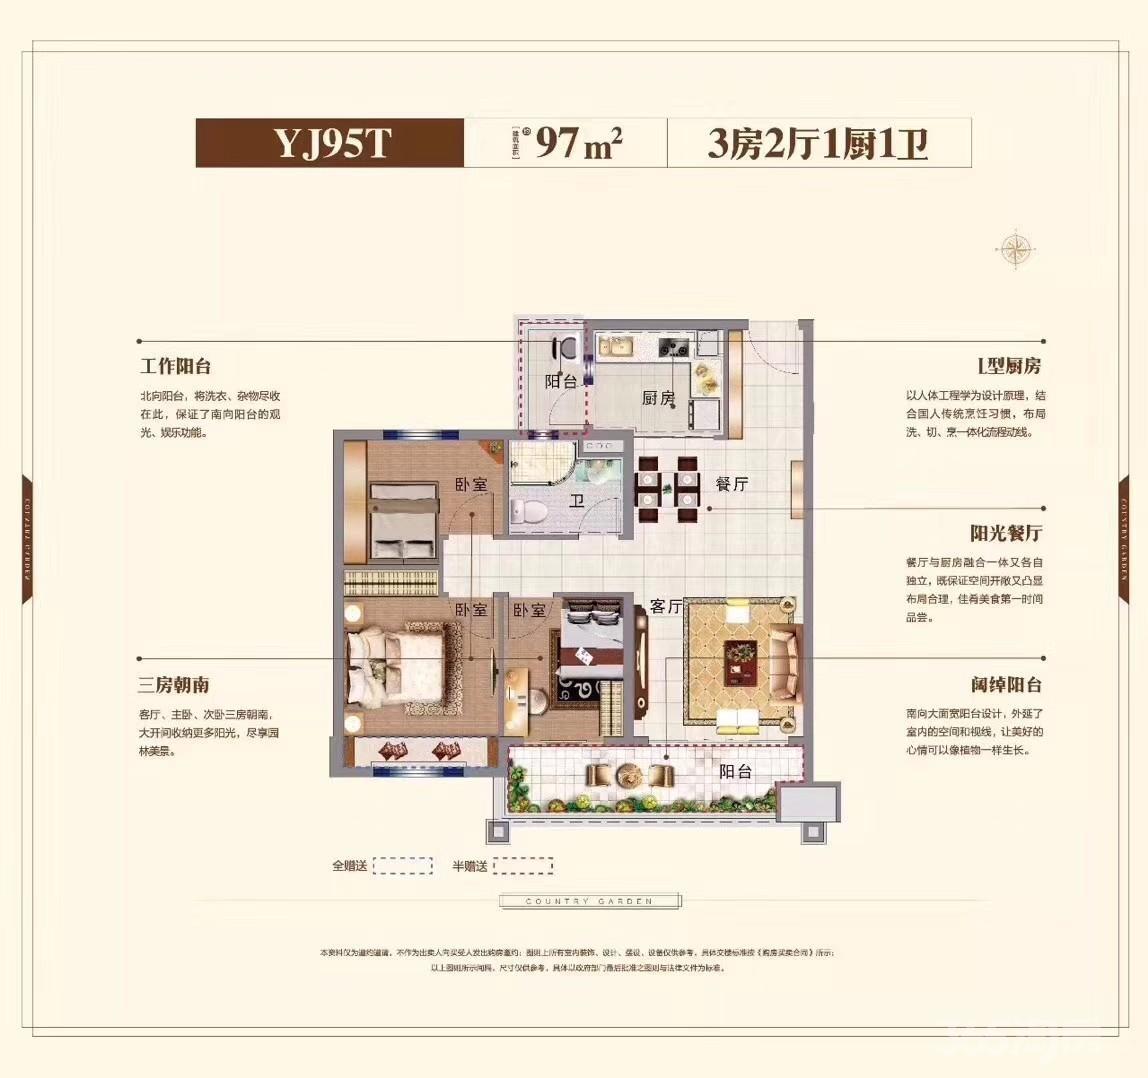 碧桂园翡翠华府3室2厅1卫97平米2017年产权房精装